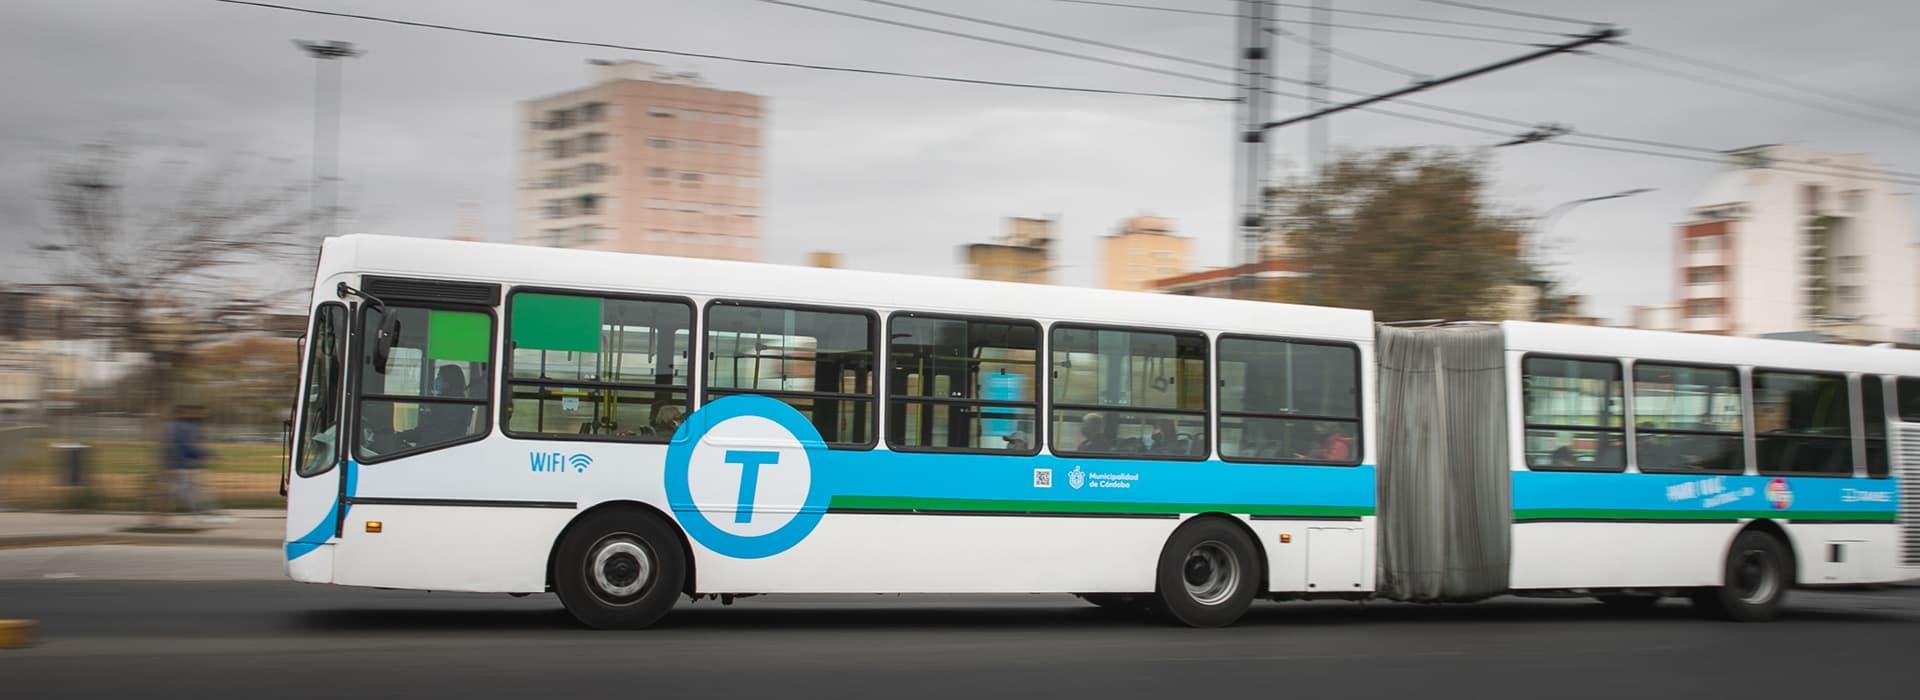 Proponen medidas para enfrentar el impacto social y económico de la pandemia en el transporte público de Córdoba